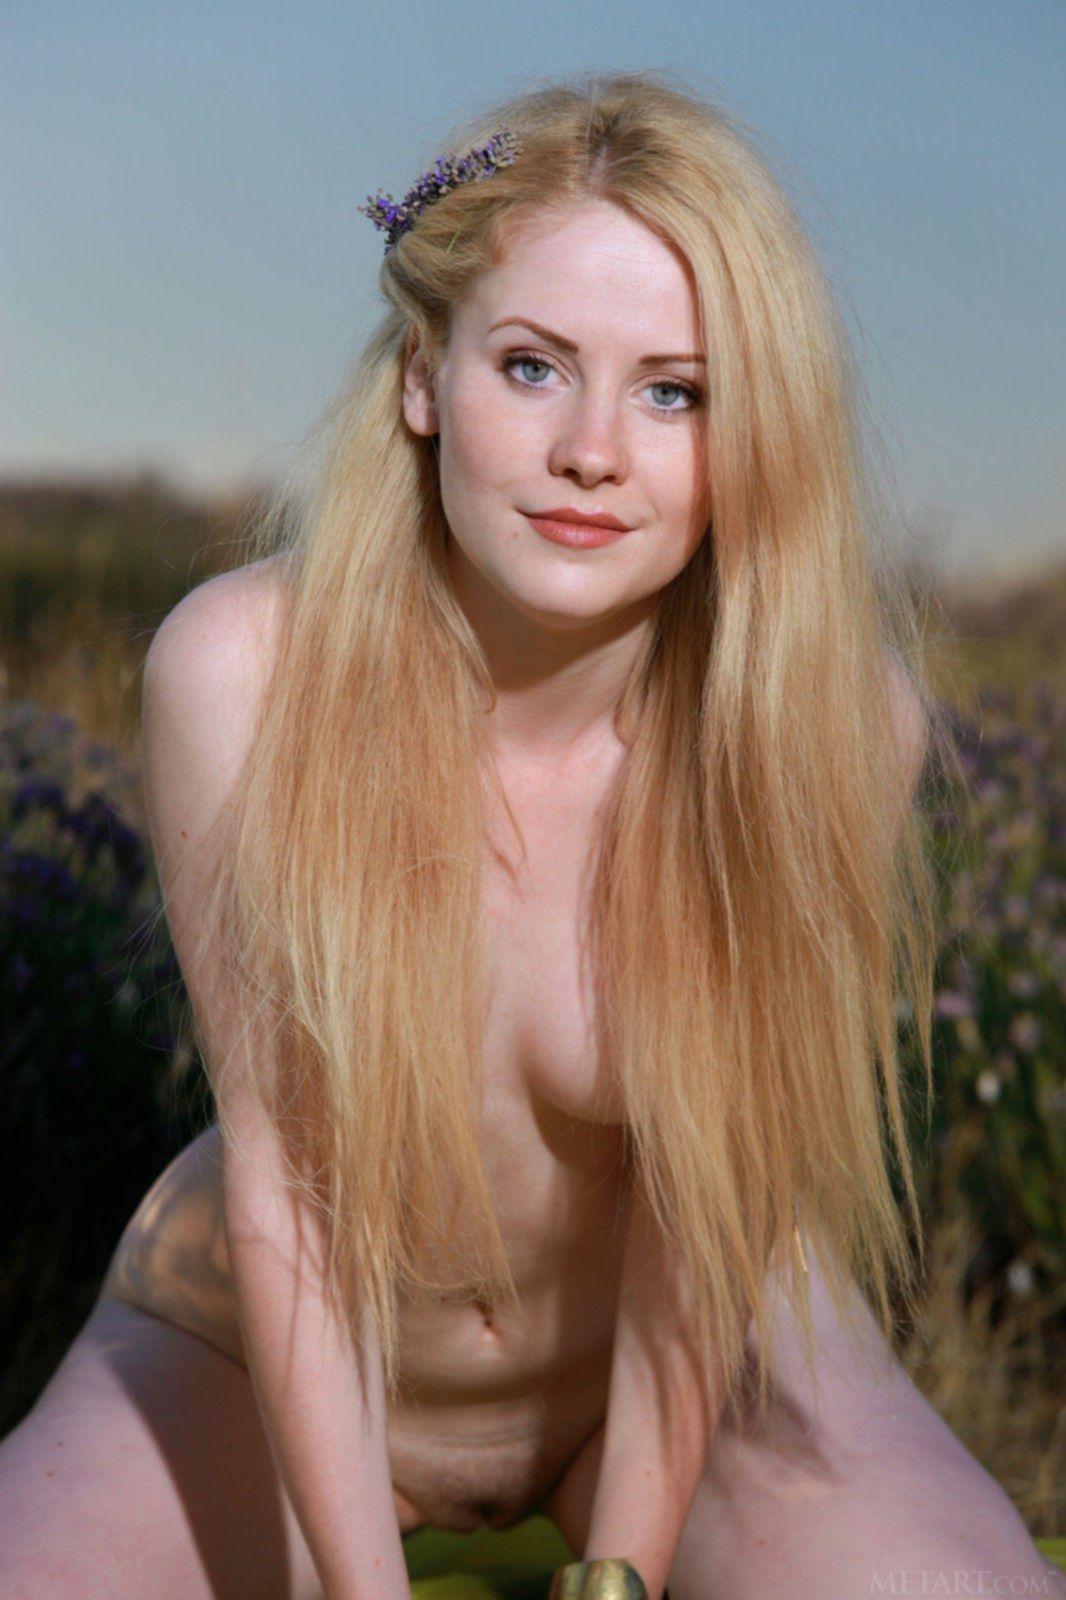 Красивая юная блондинка позирует голая на природе - фото